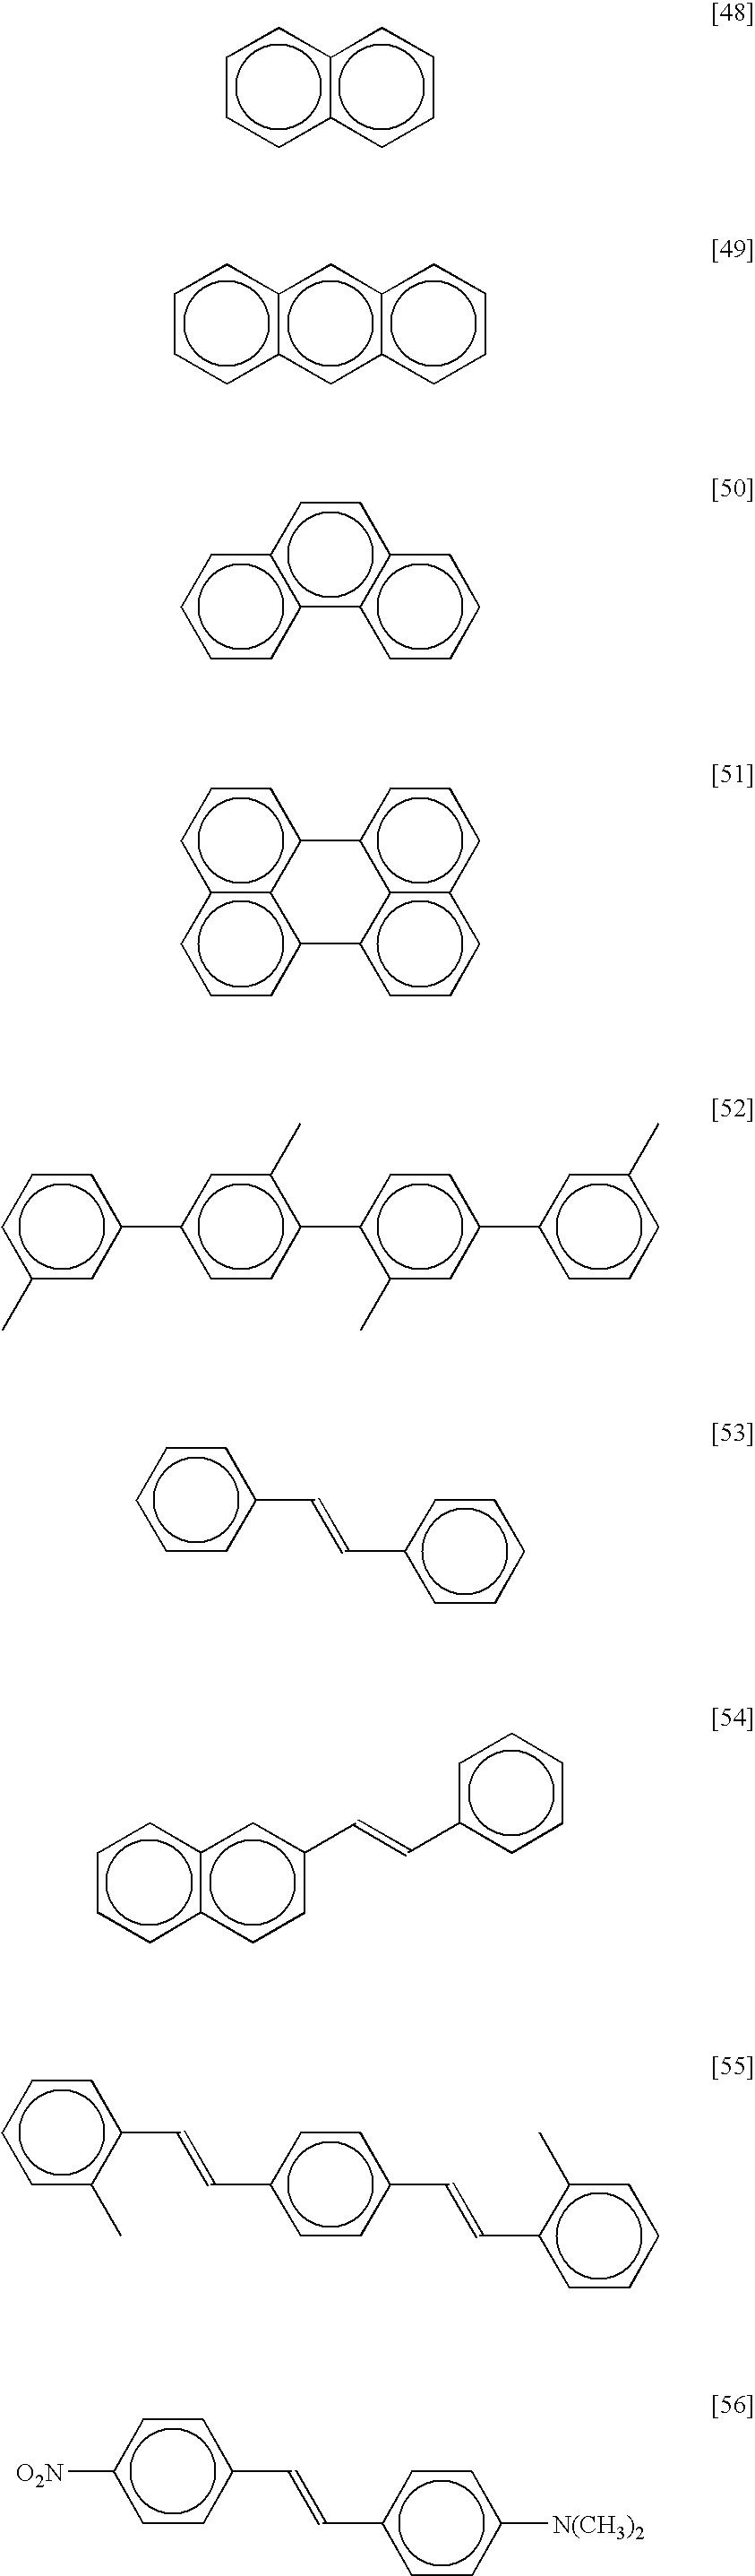 Figure US08349472-20130108-C00017